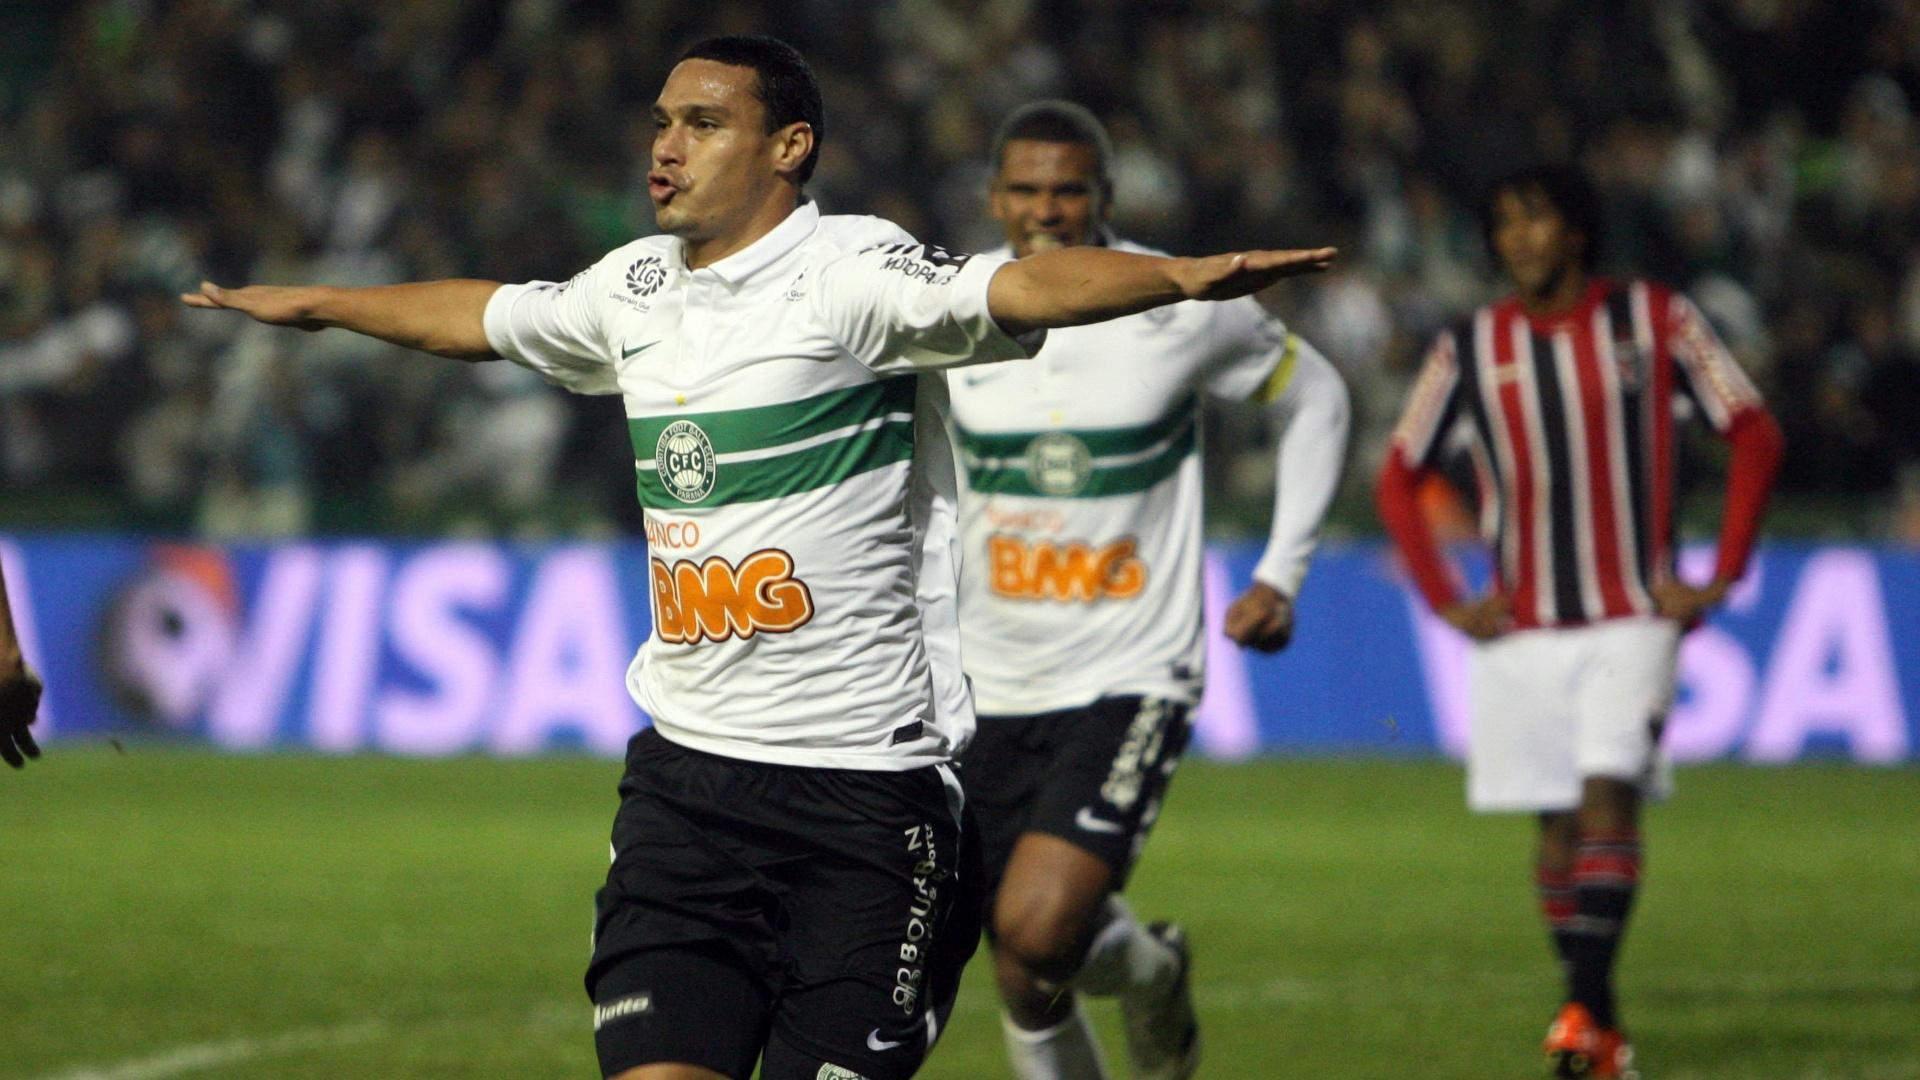 Emerson comemora após abrir o placar para o Coritiba contra o São Paulo